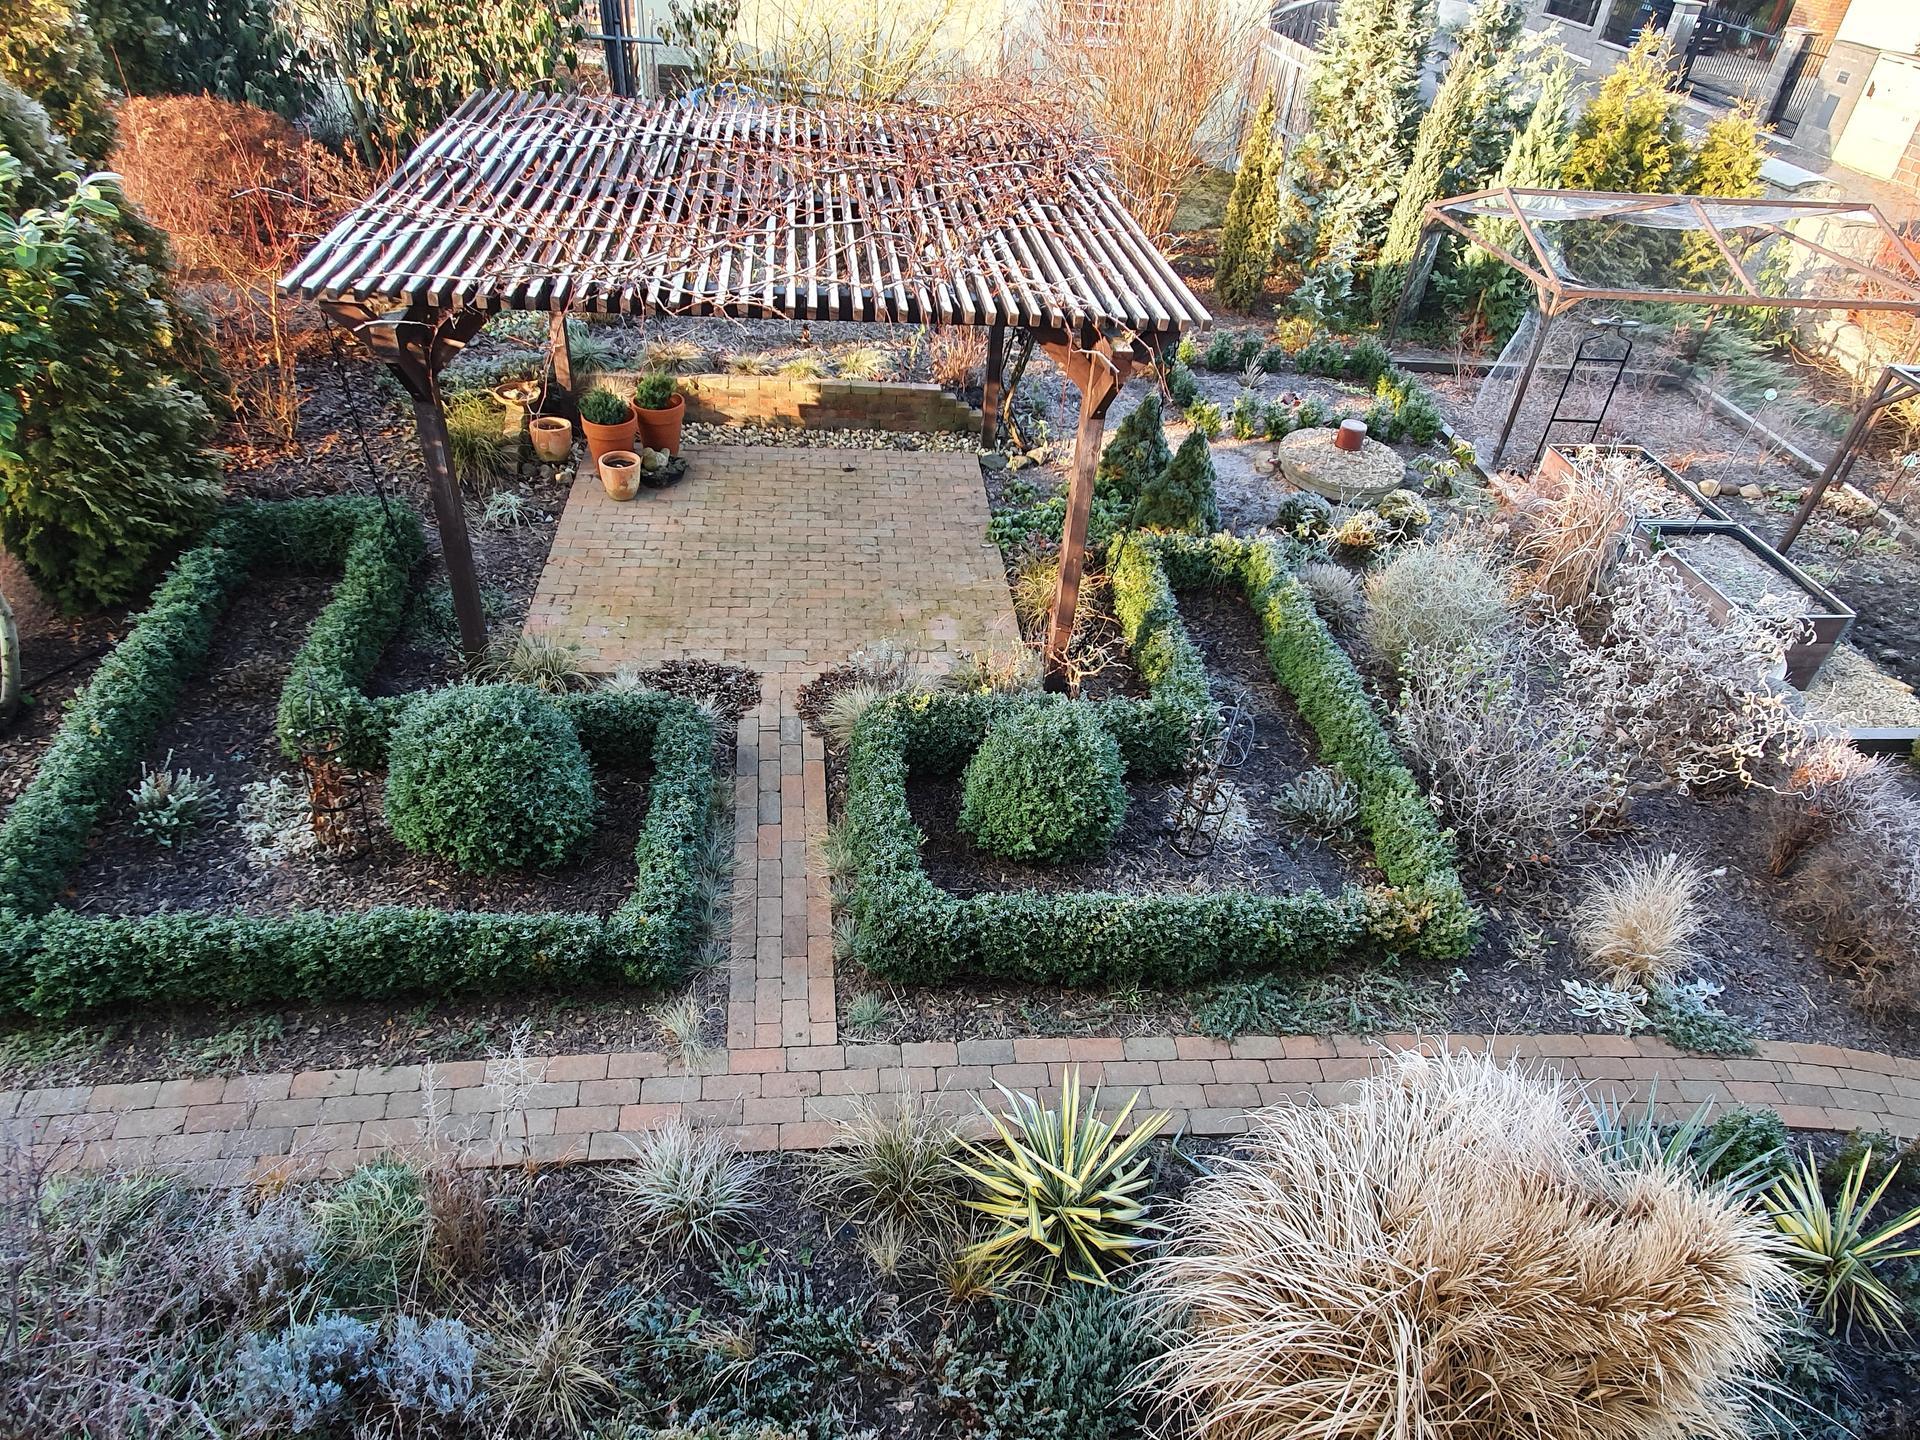 Zahrada ozdobená mrazem - Obrázek č. 3